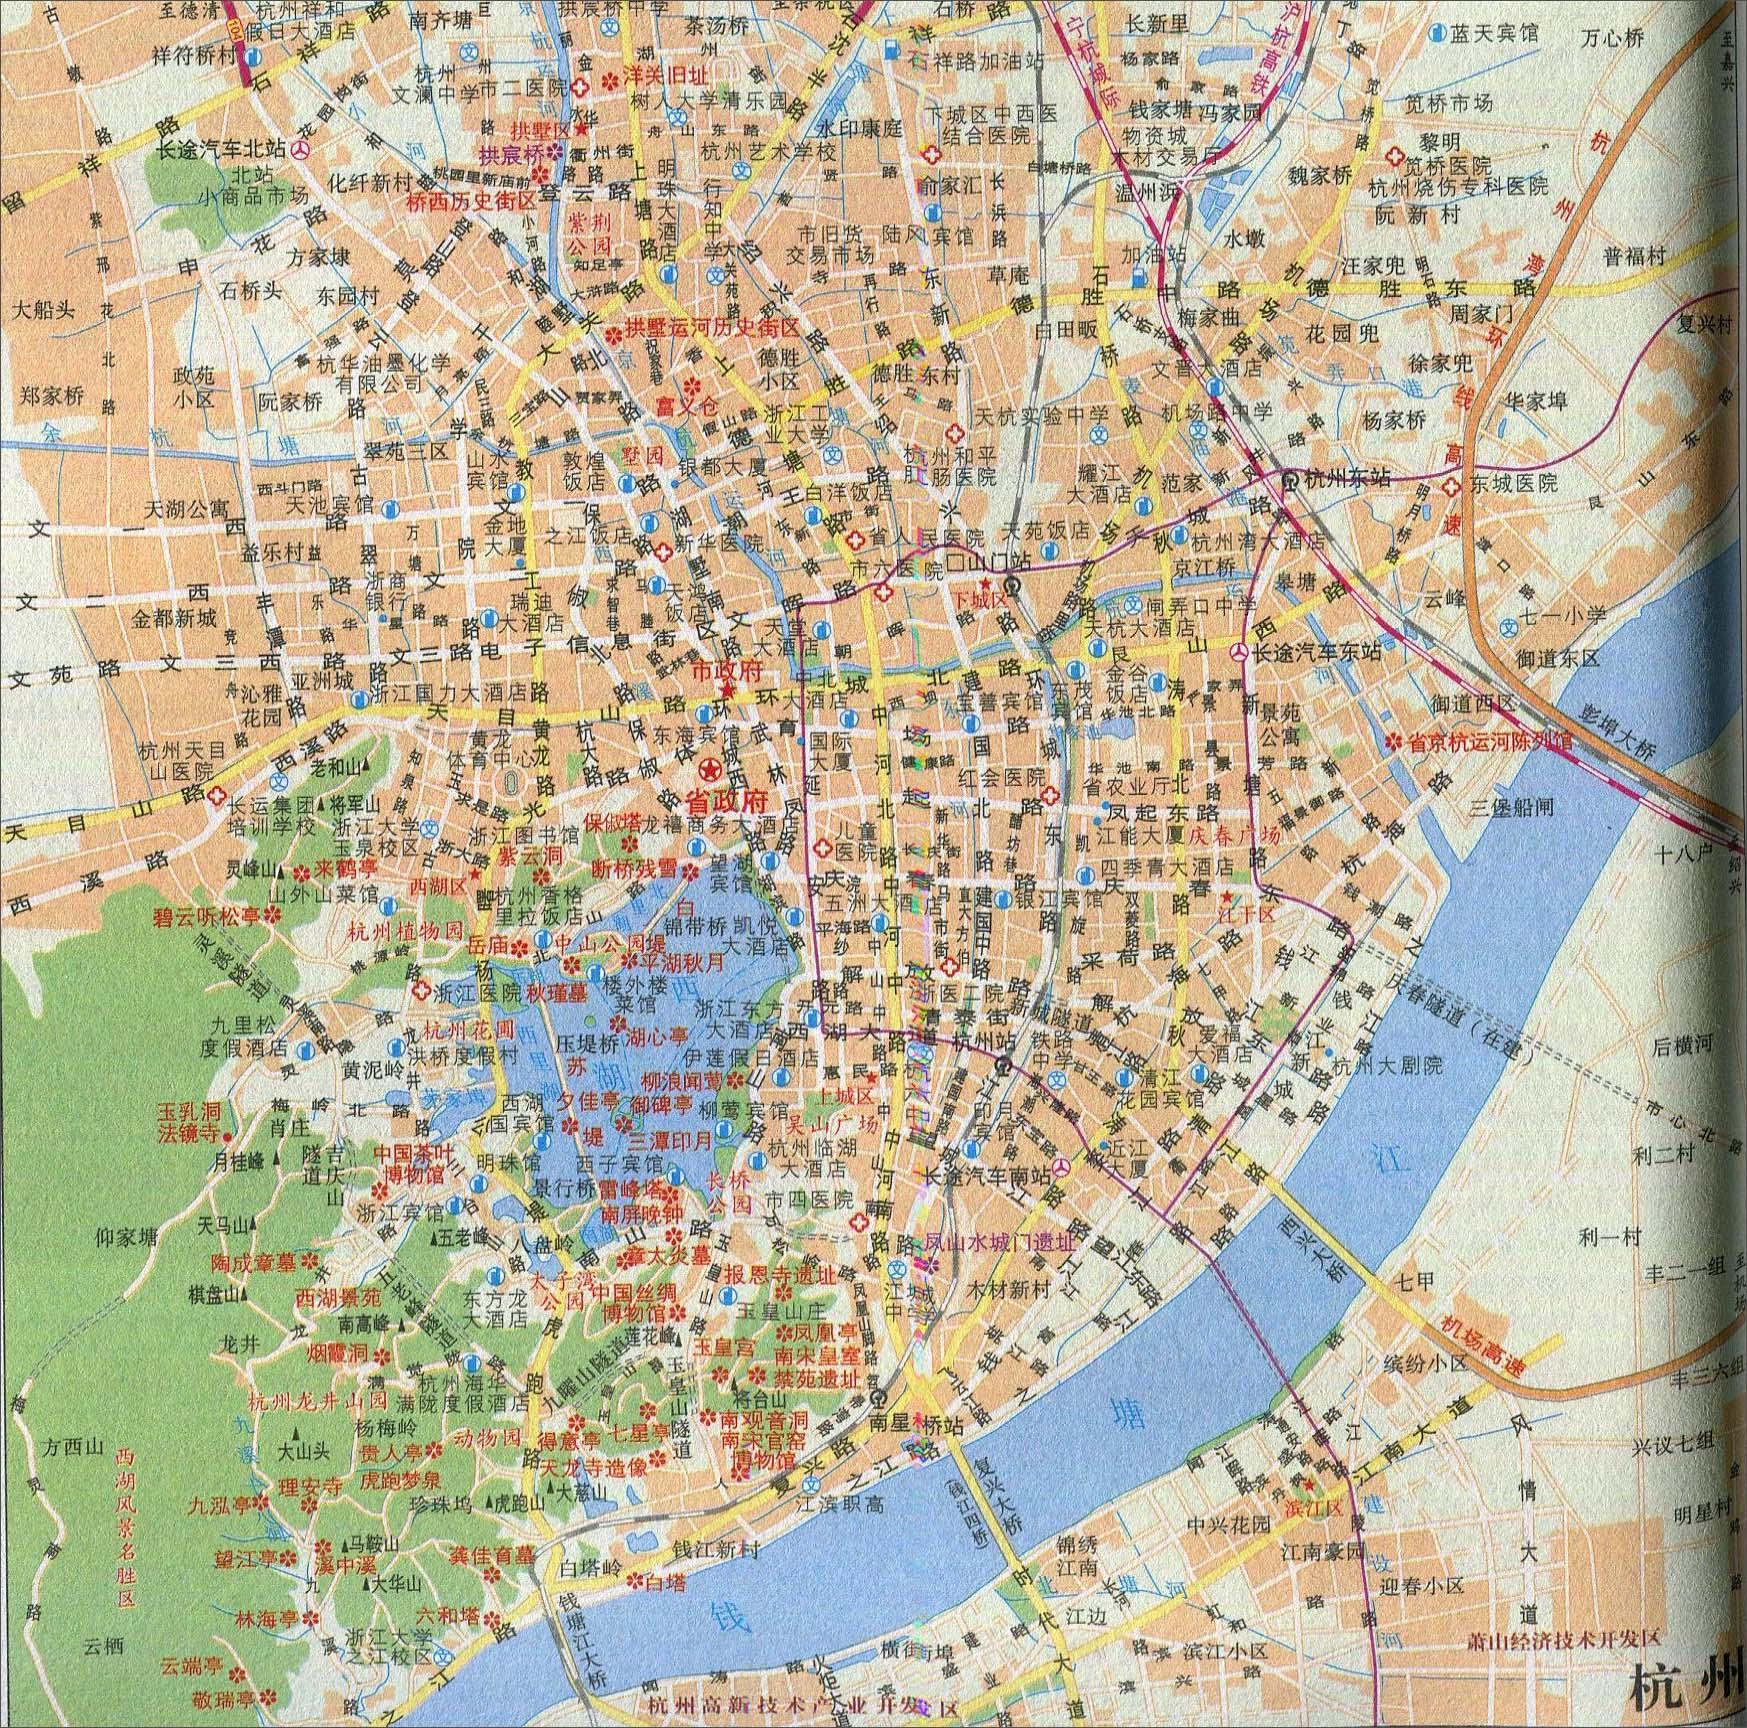 杭州旅游交通地图